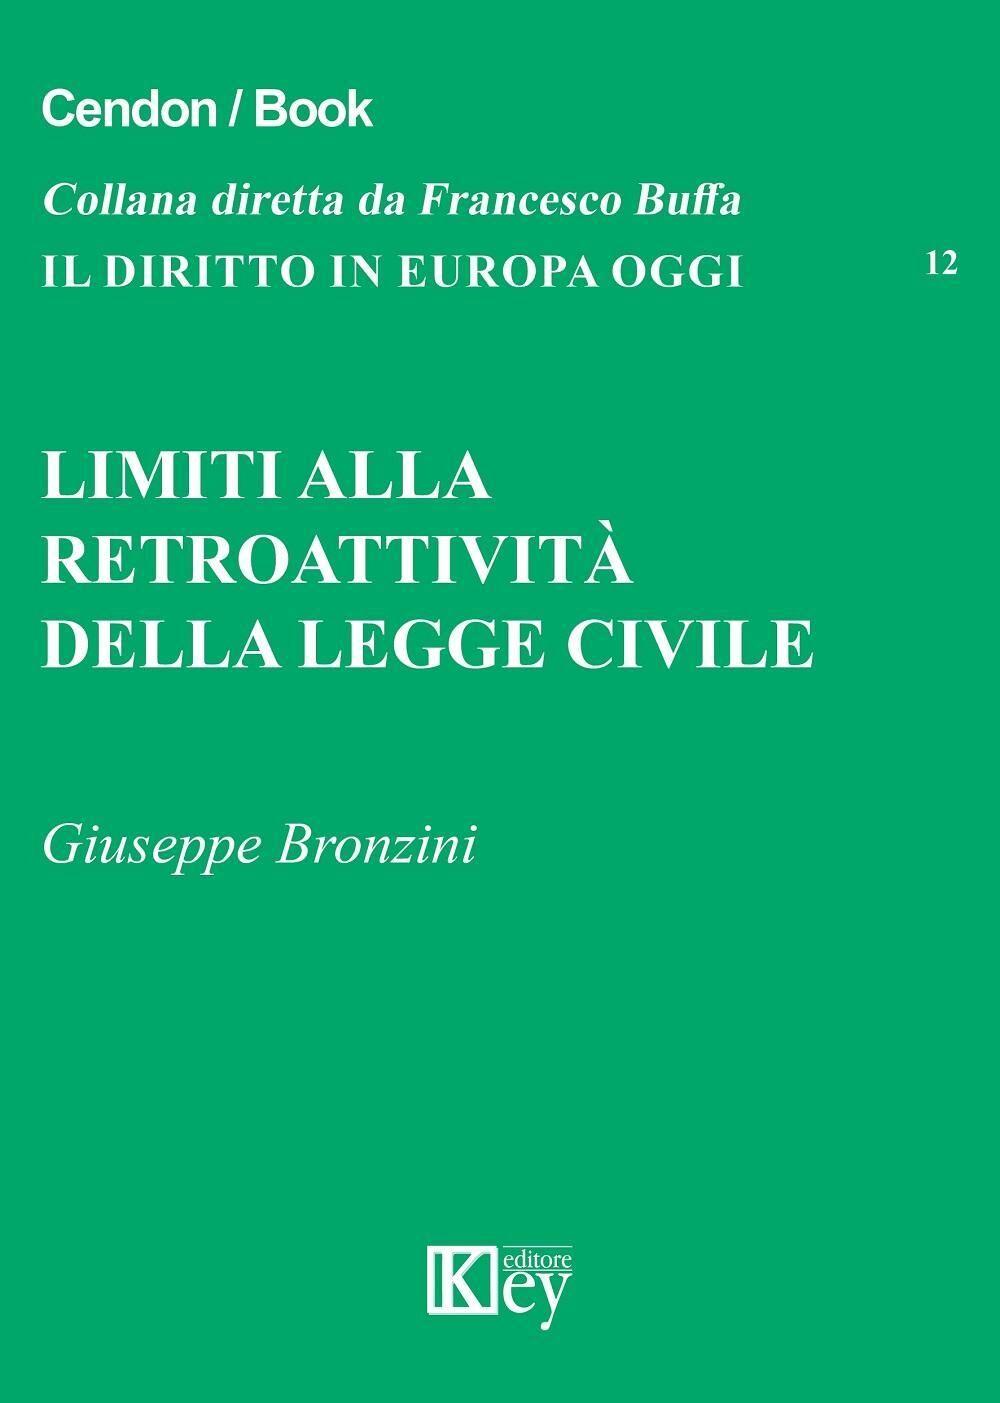 Limiti alla retroattività della legge civile